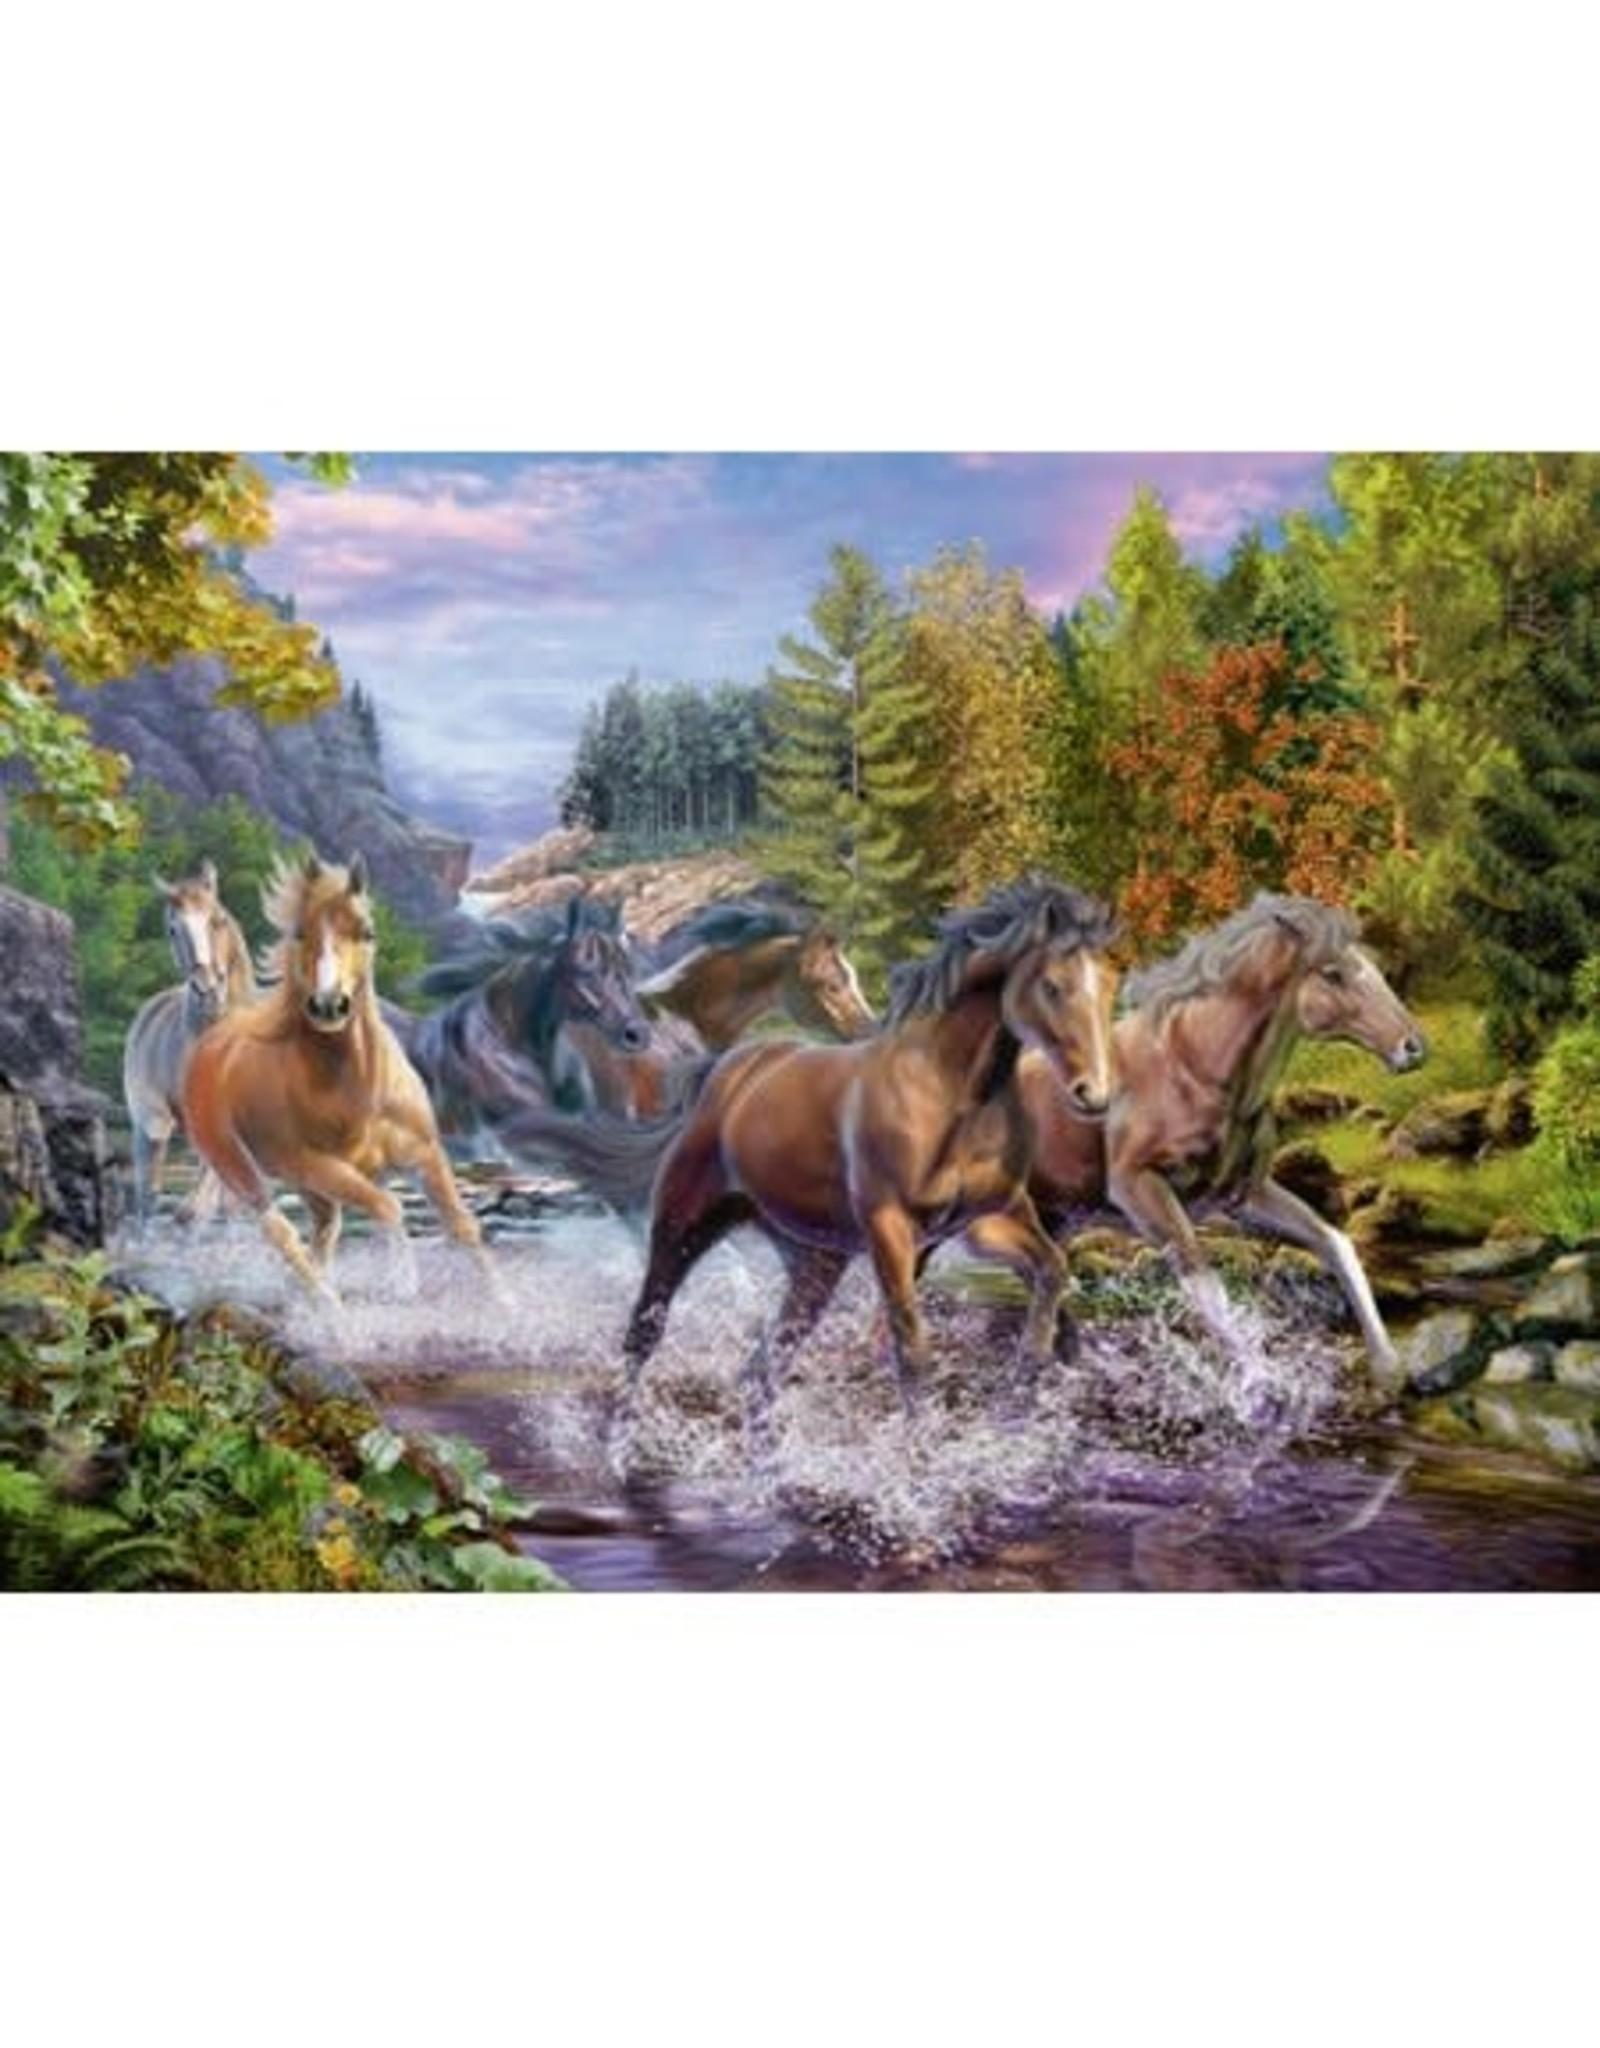 Ravensburger 100 pcs. Rushing River Horses Puzzle